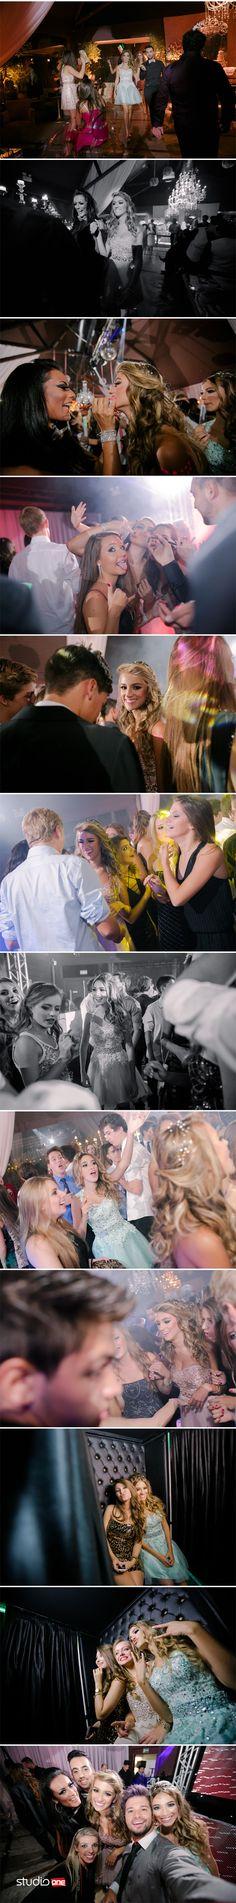 07 Festa de 15 anos debutante debutantes Paola e Pietra curitiba gêmeas balada dj